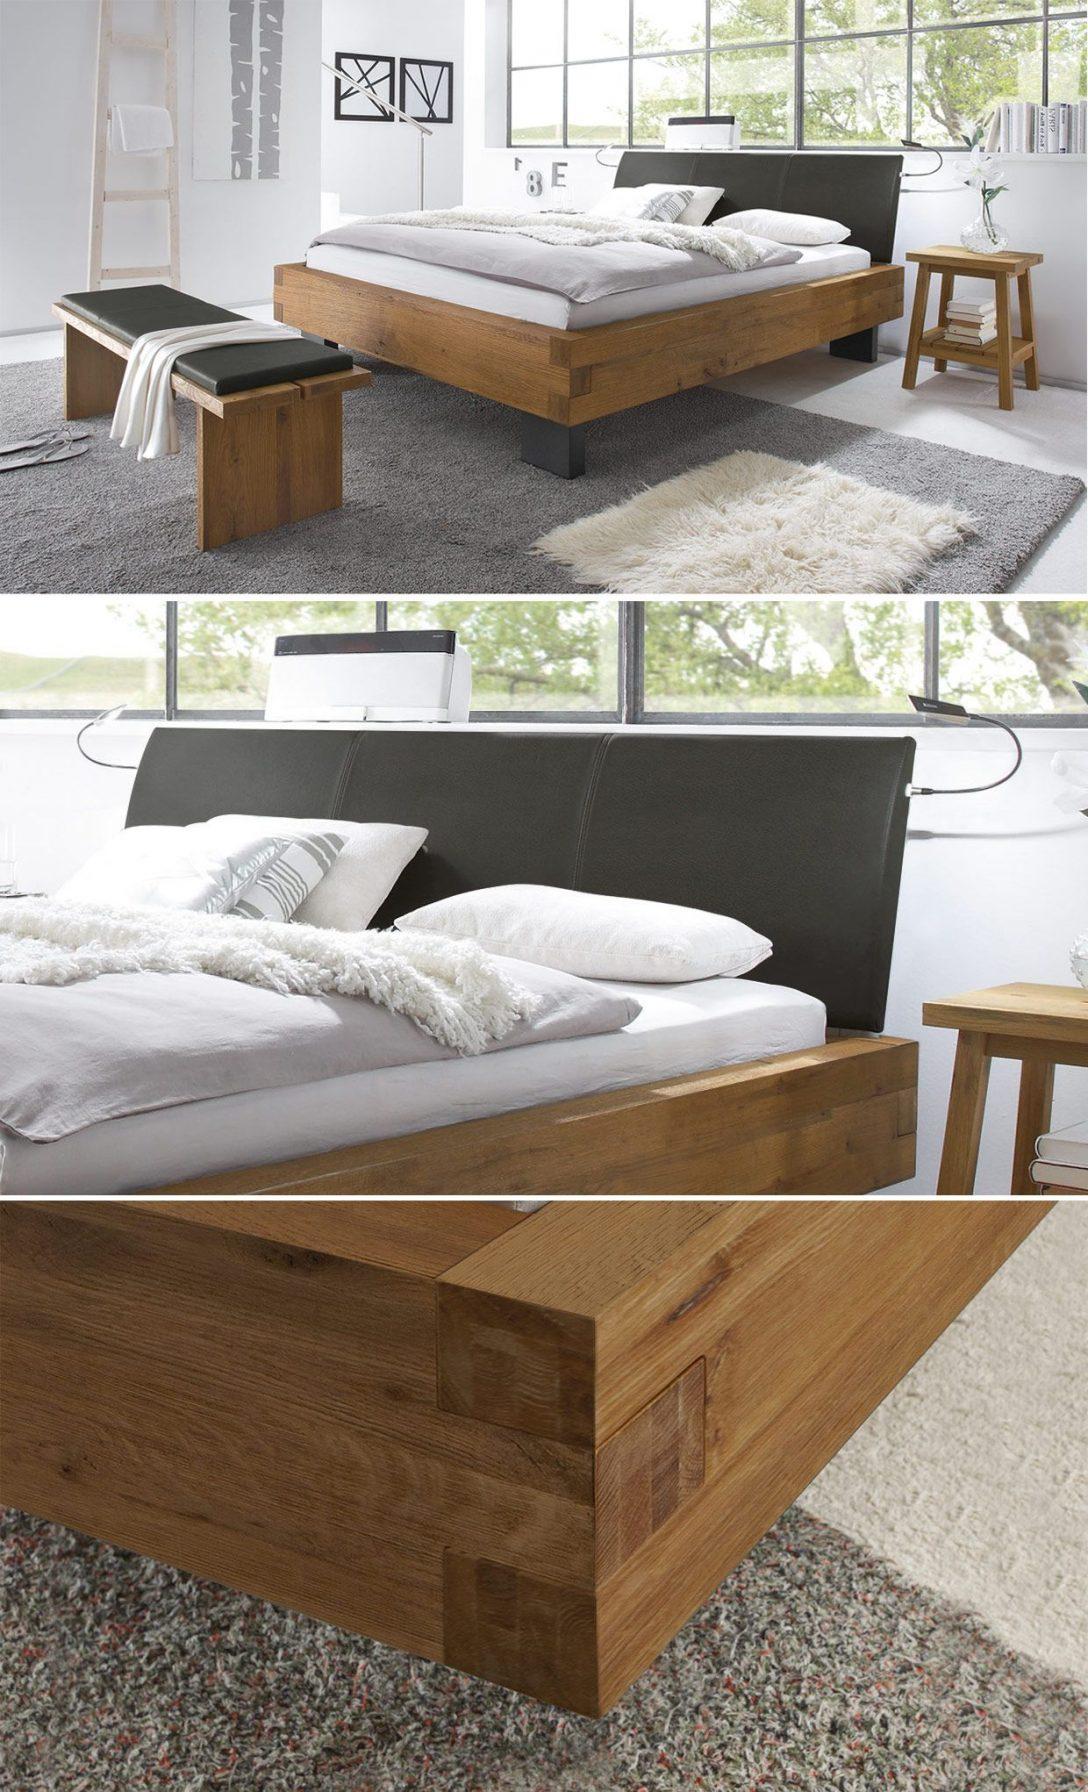 Large Size of Bett Holz Leros Rustikal Dico Betten 200x200 Kaufen Massivholz Ohne Füße 120x200 Weiß 180x200 Schwarz Musterring Mit Unterbett Esstisch Paidi Halbhohes Bett Bett Holz